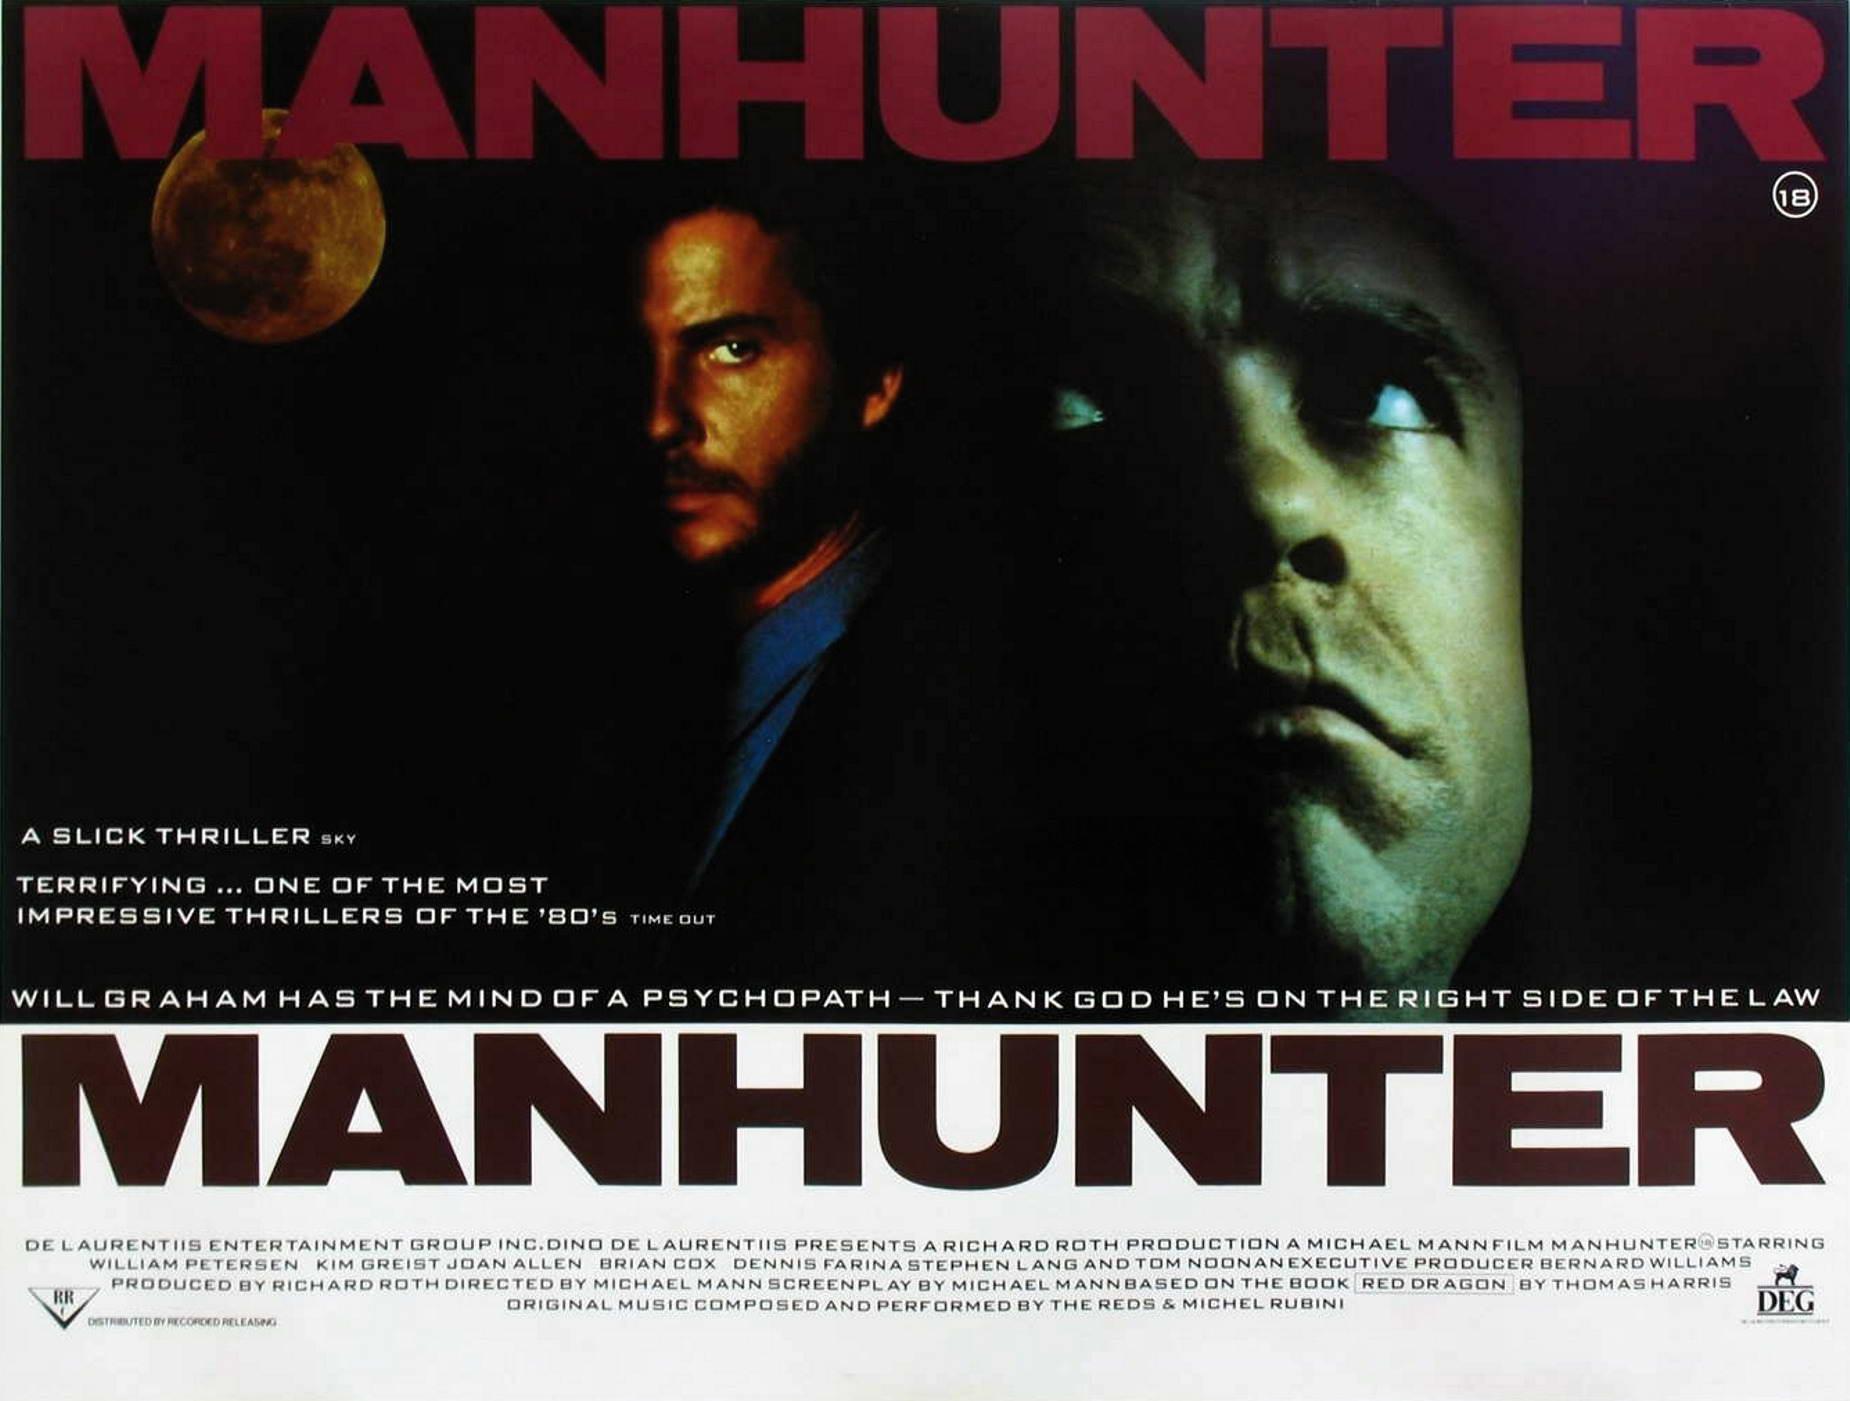 Смотреть manhunters 2006 15 фотография